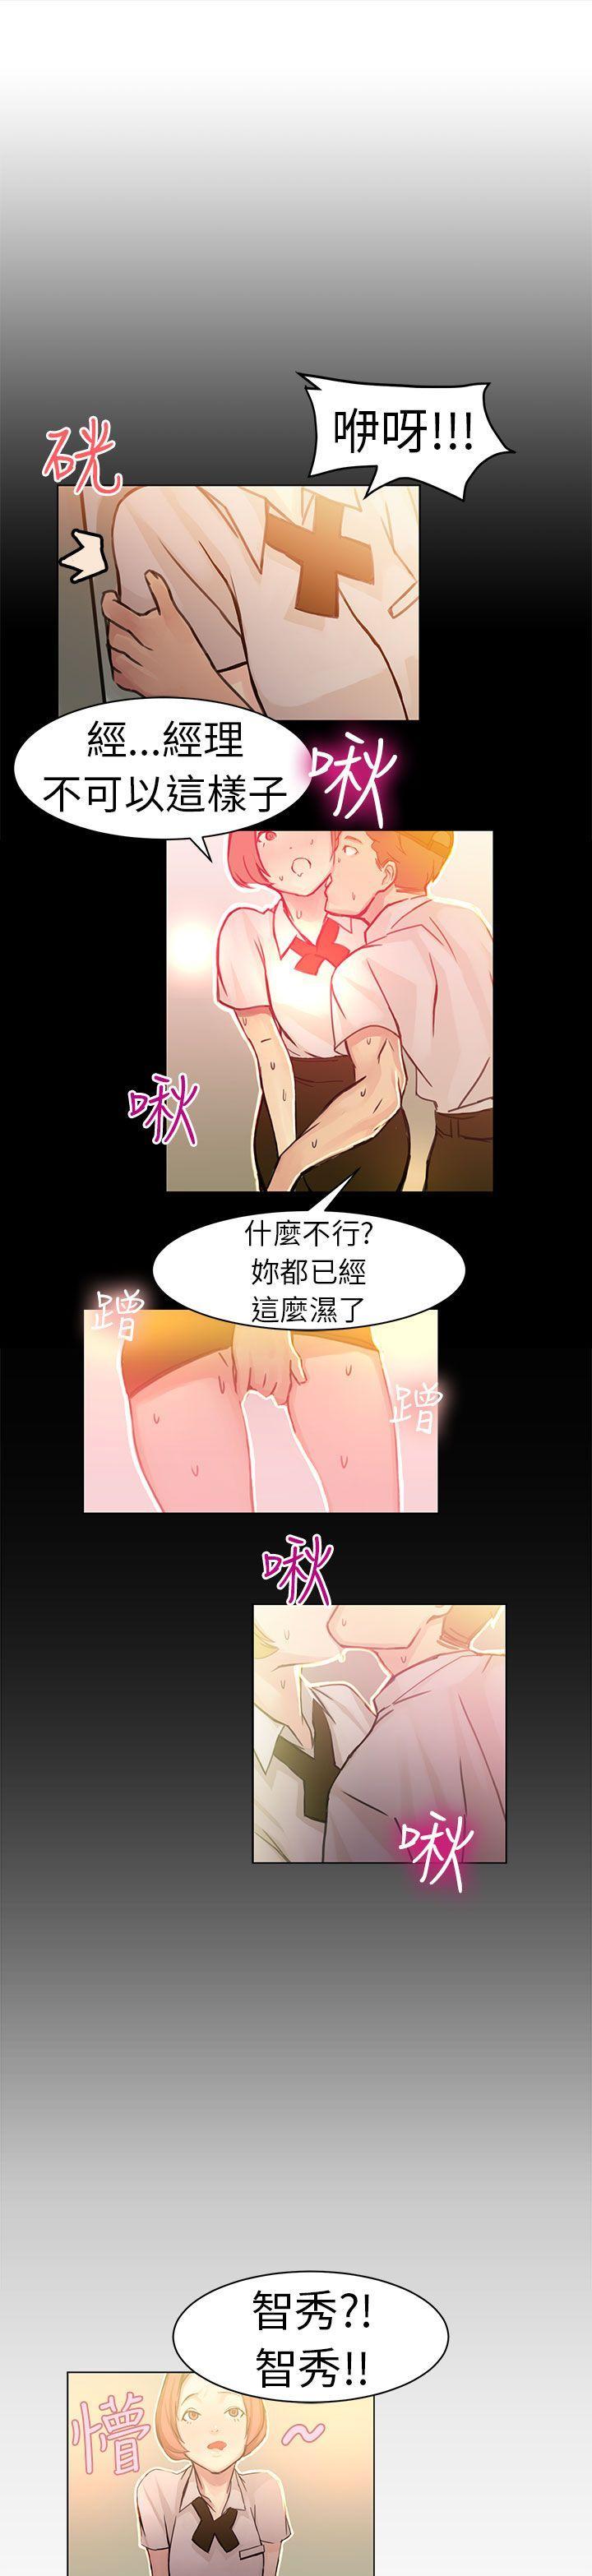 派愛達人-速食店裡的女員工(上)全彩韩漫标签